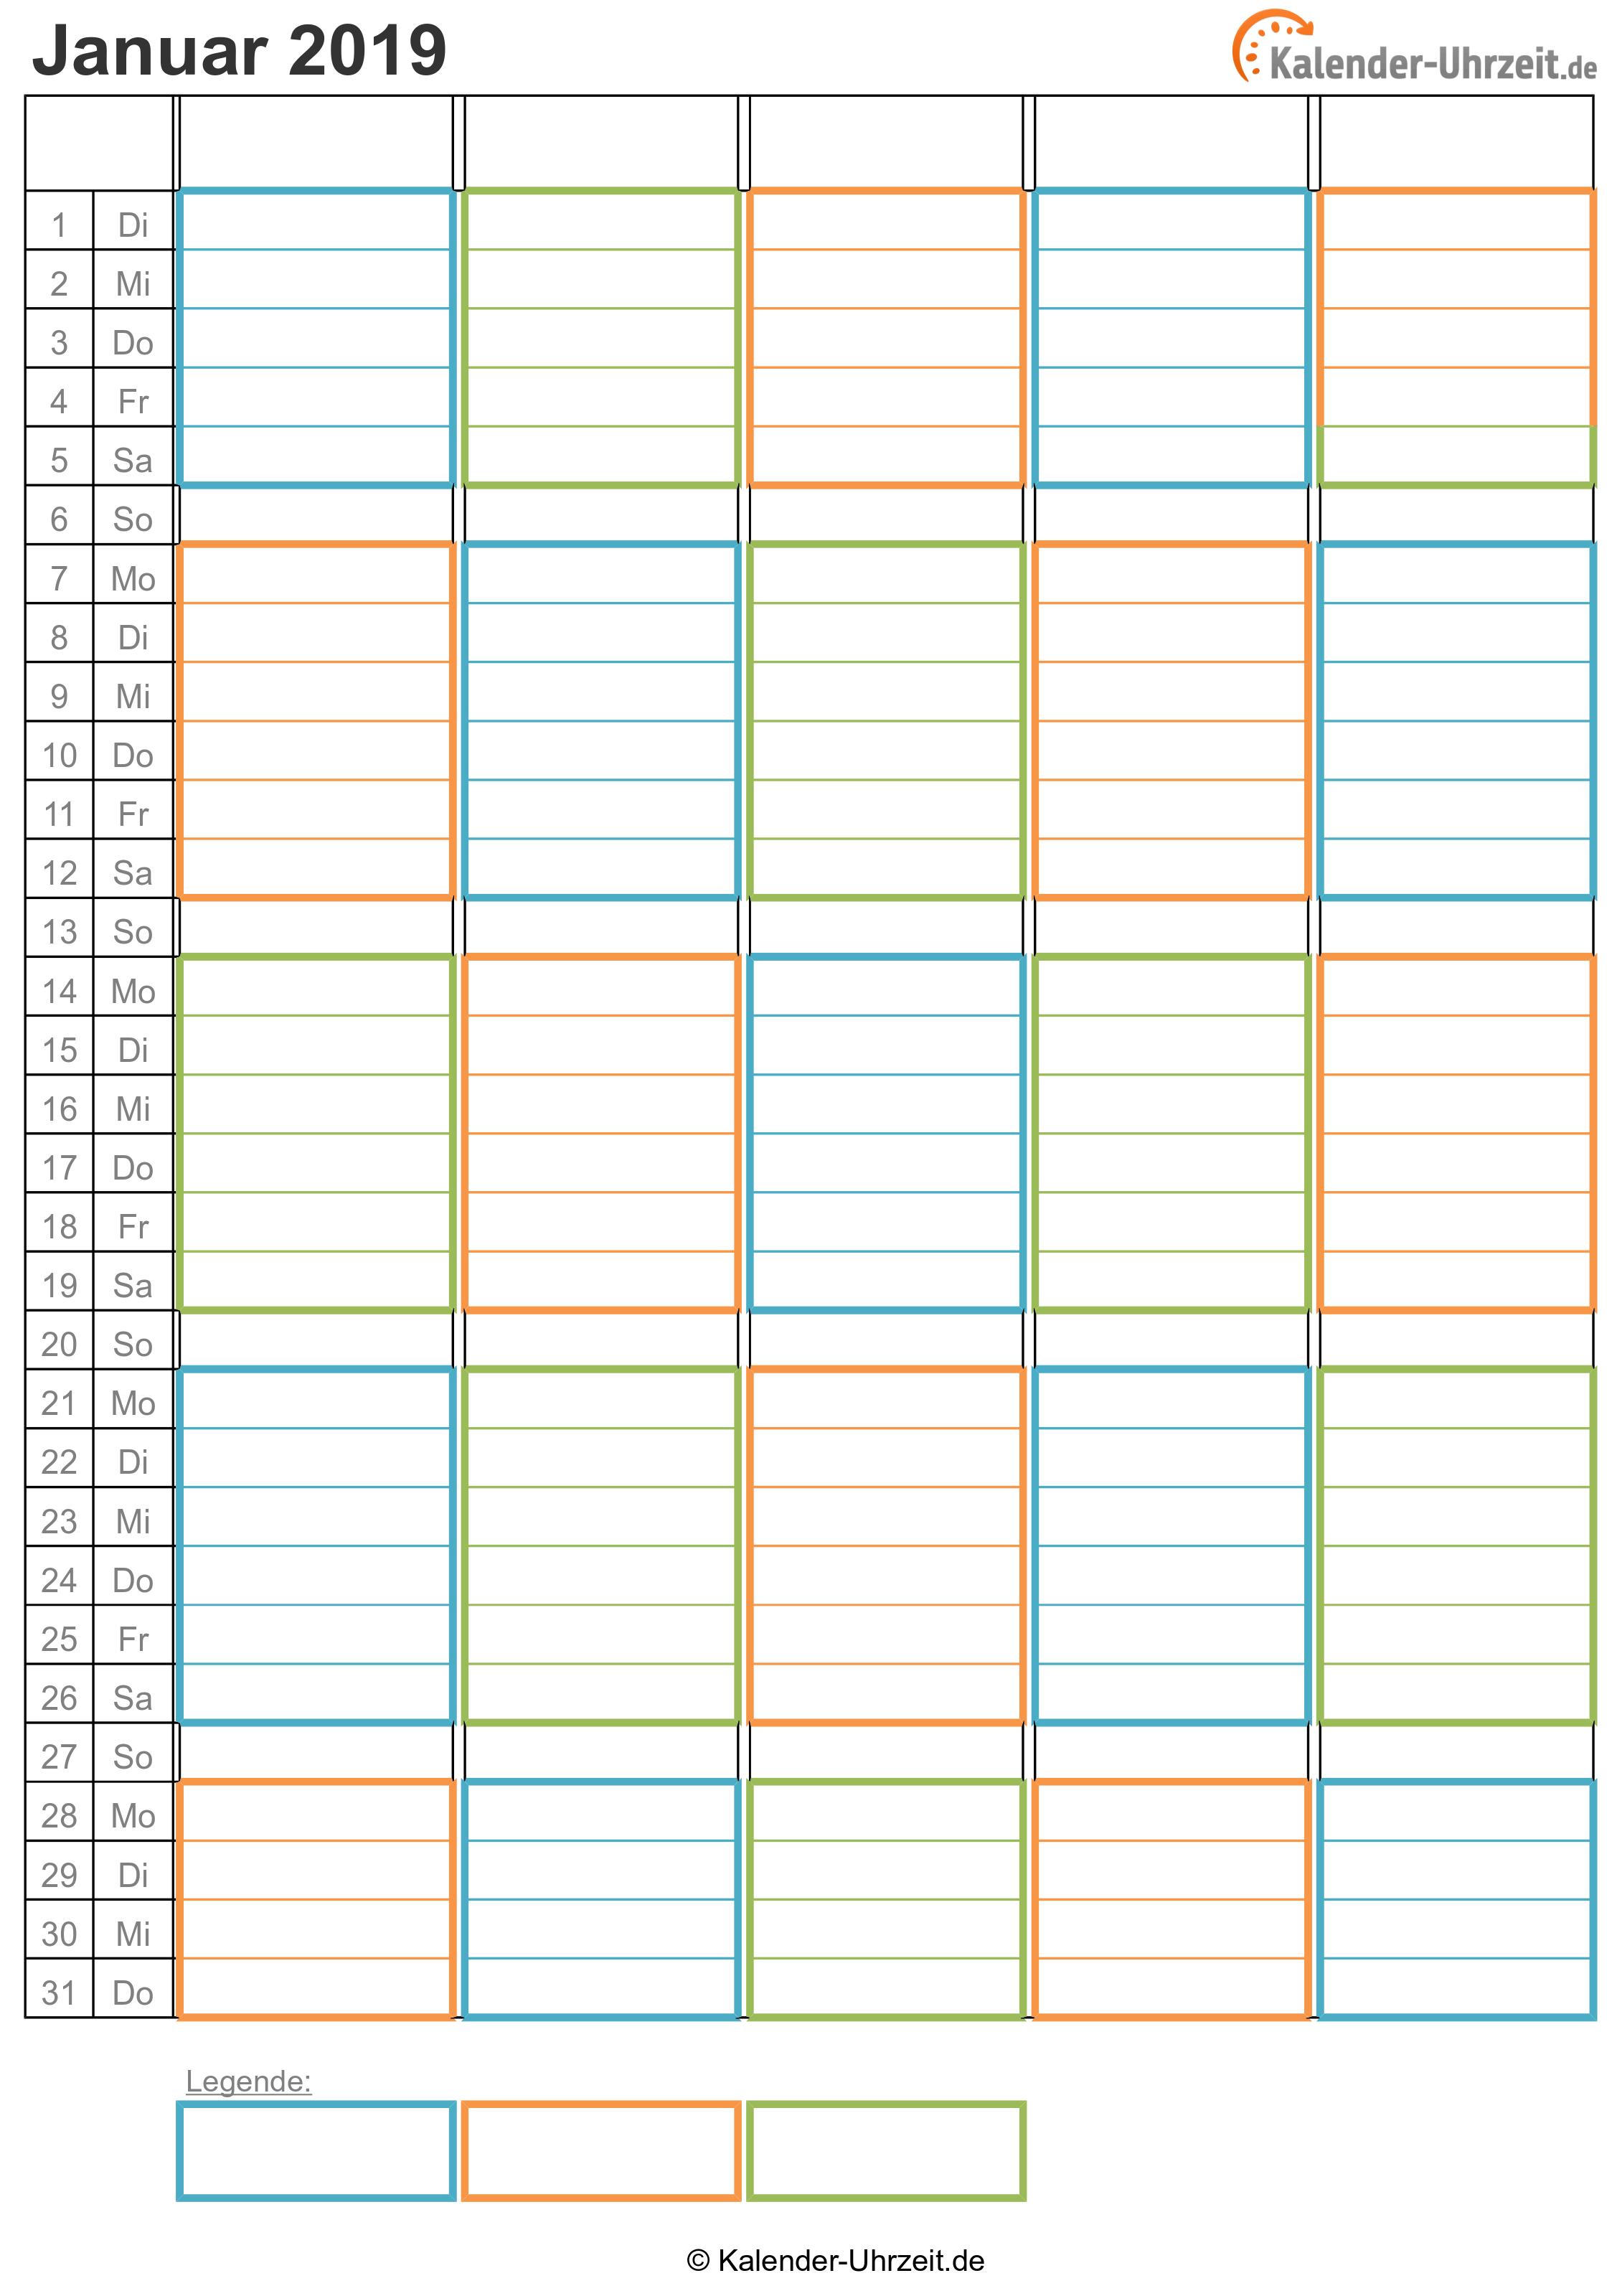 WG-Kalender 2019 drei Personen Vorschau